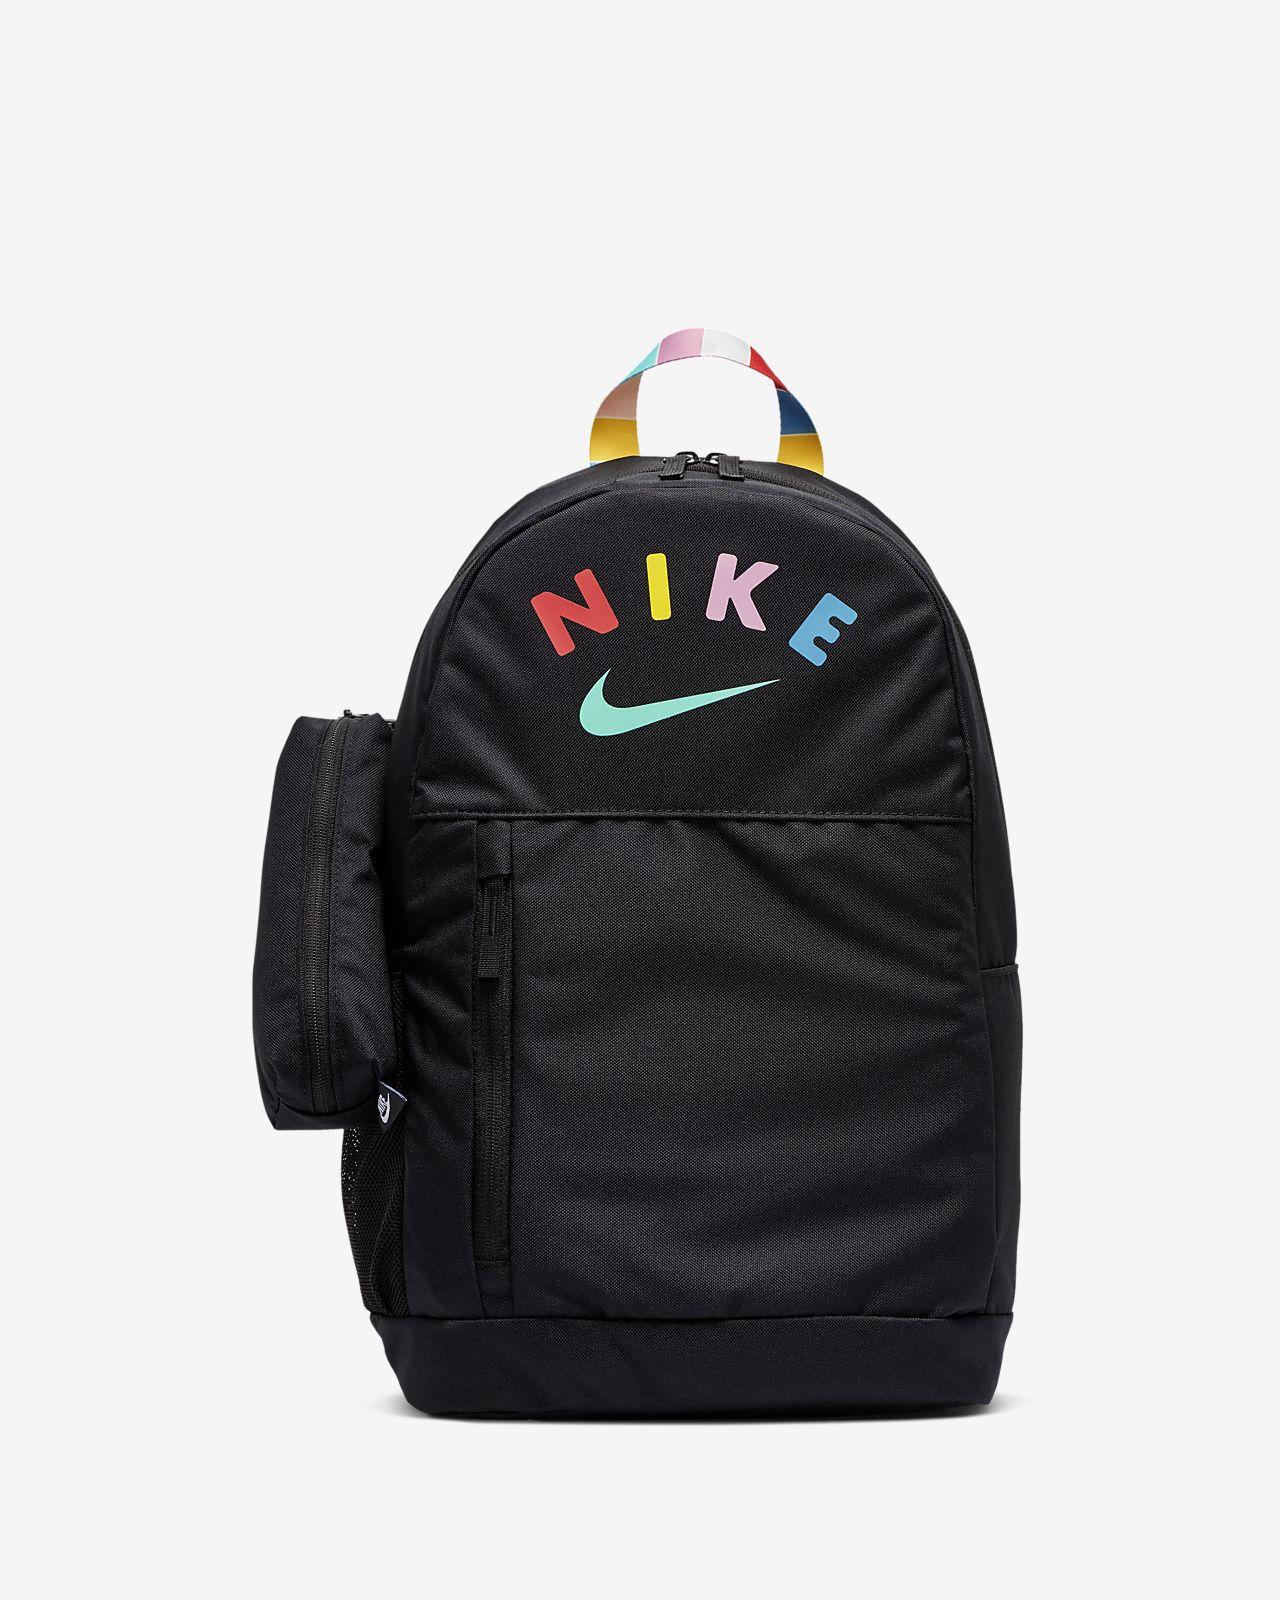 Nike Kinder Rucksack mit Grafik